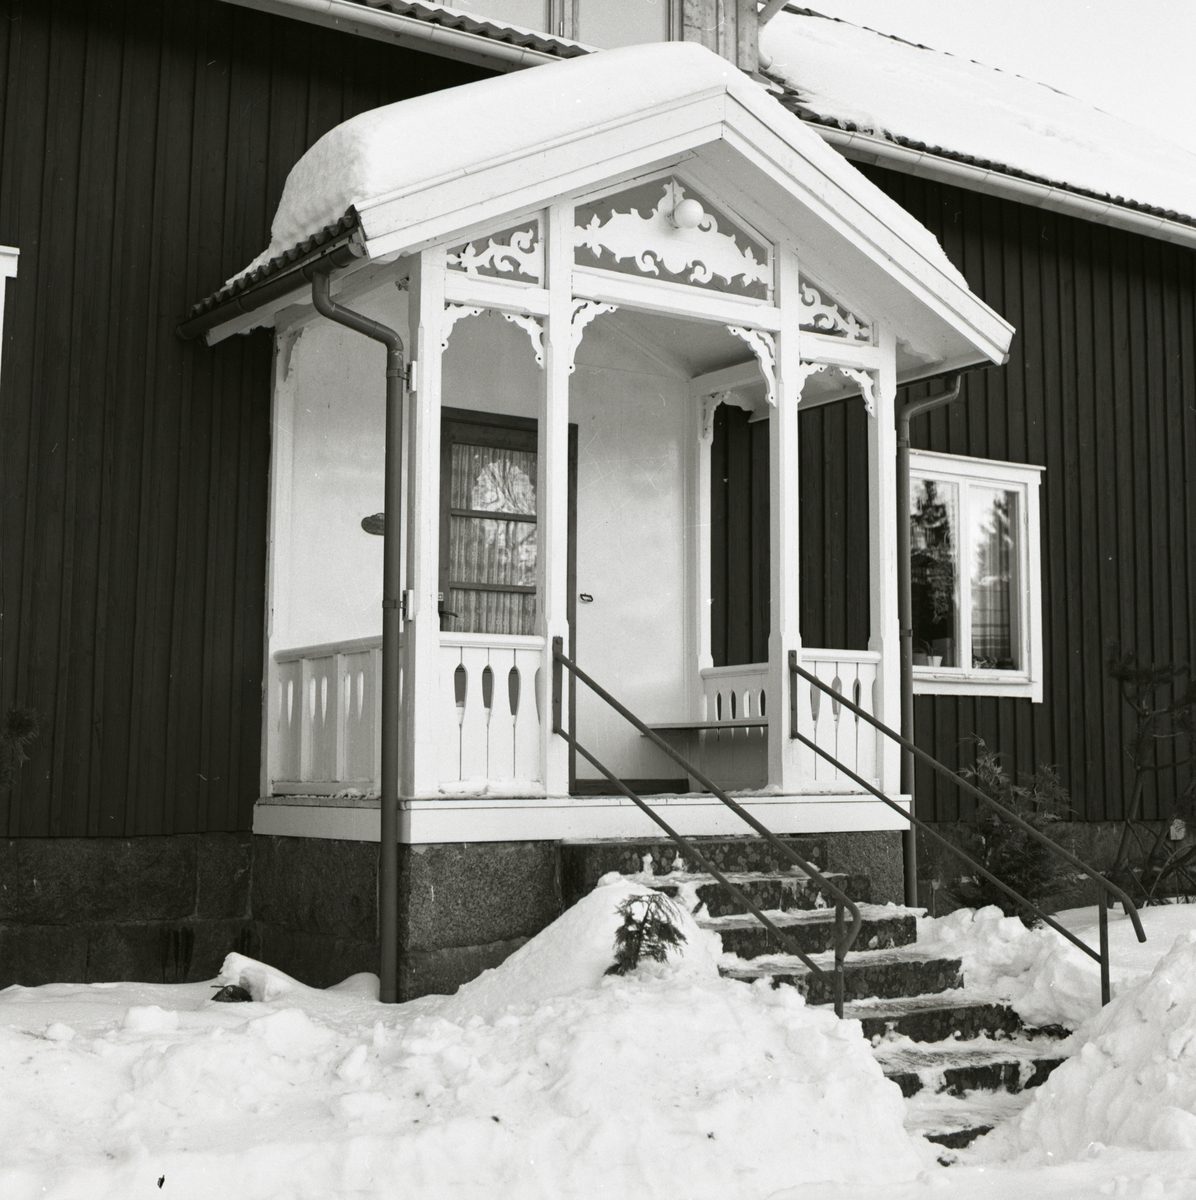 En förstukvist med snickarglädje och stentrappa i snölandskap.